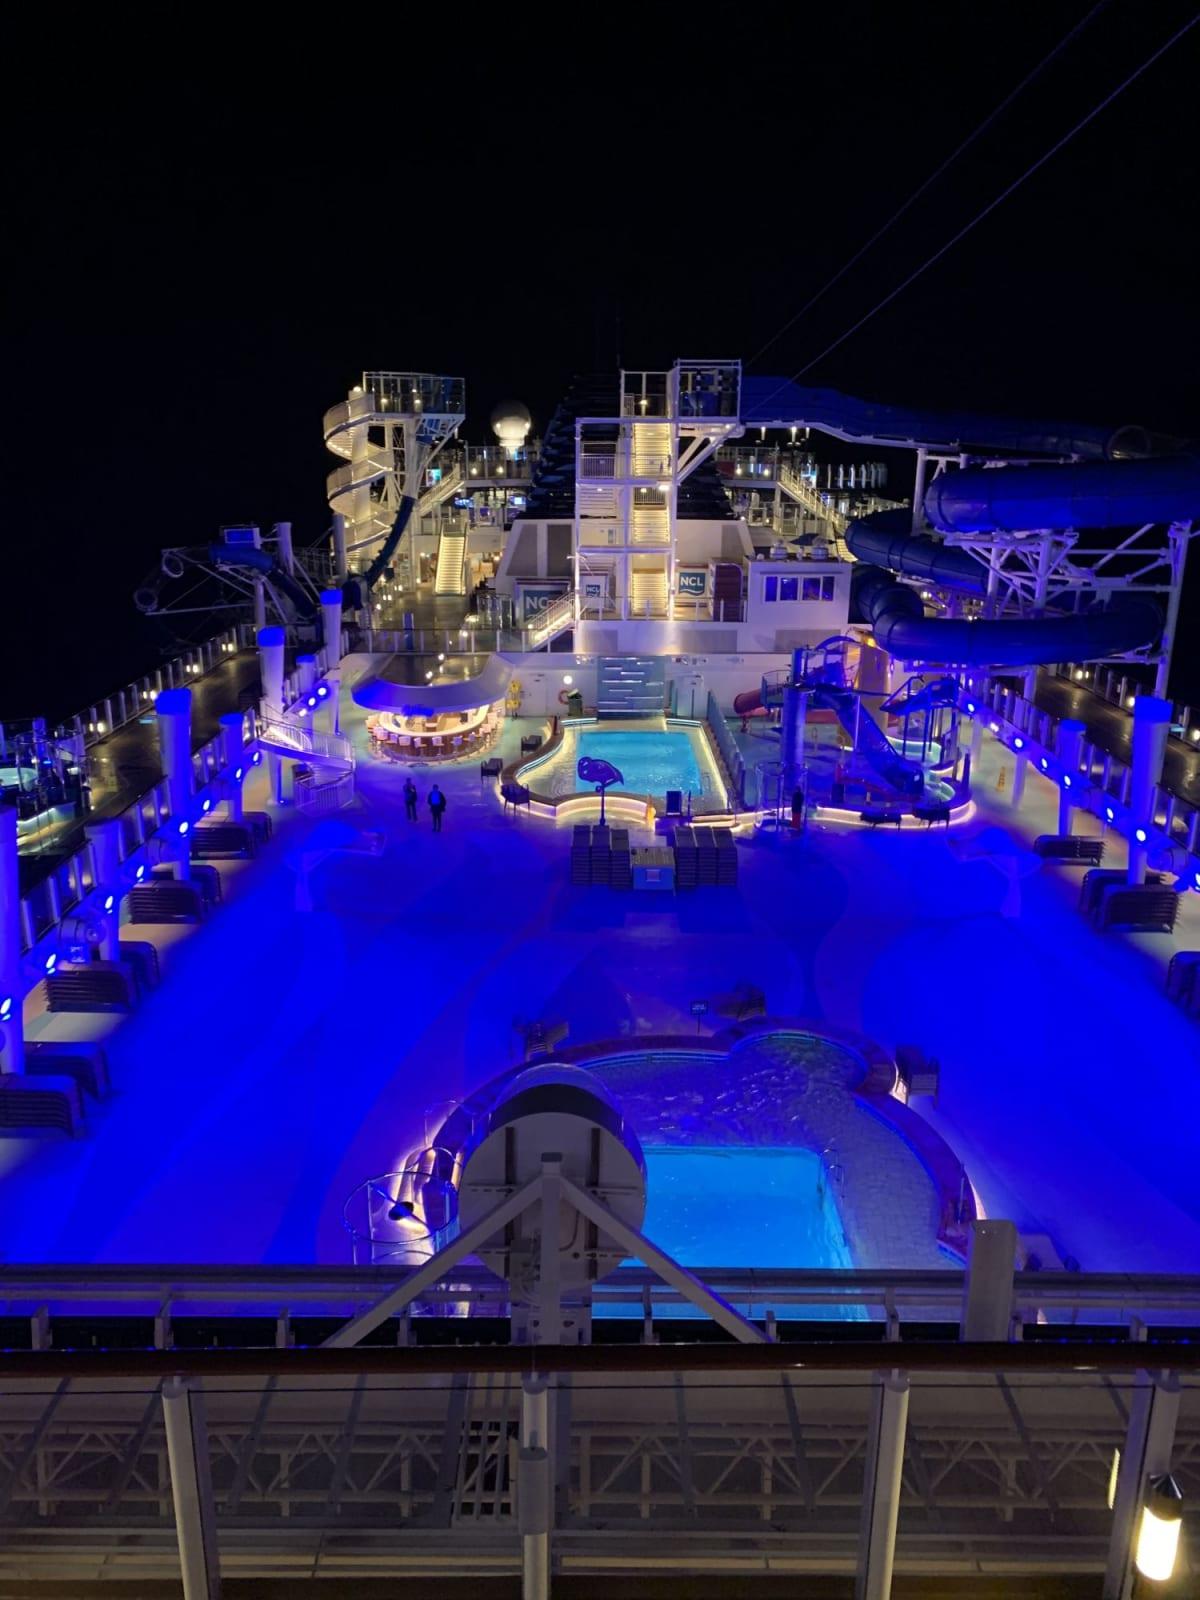 ナイトプールはロマンチックです♡ | 客船ノルウェージャン・ブリスの船内施設